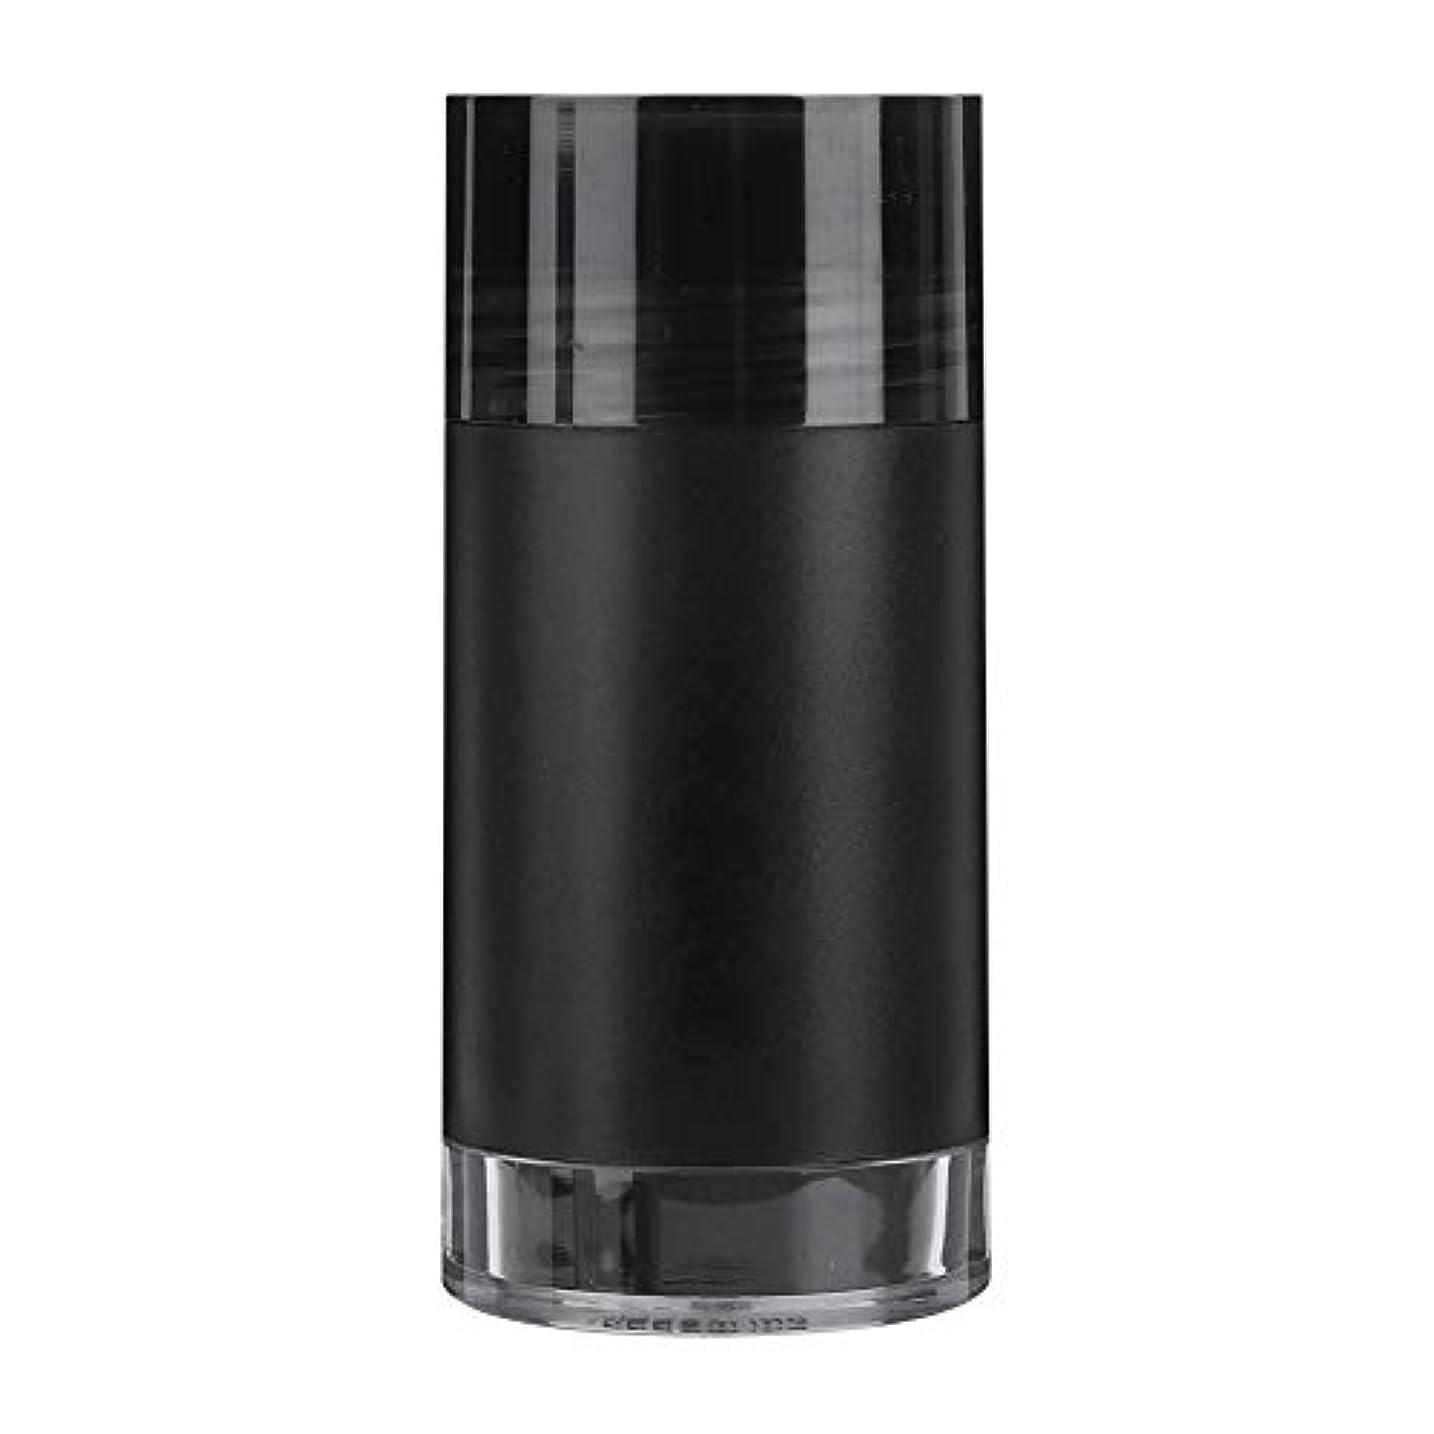 ベーコン遅い警告NITRIP 薄毛隠し 増毛スプレー ヘアビルディングファイバー(黒)